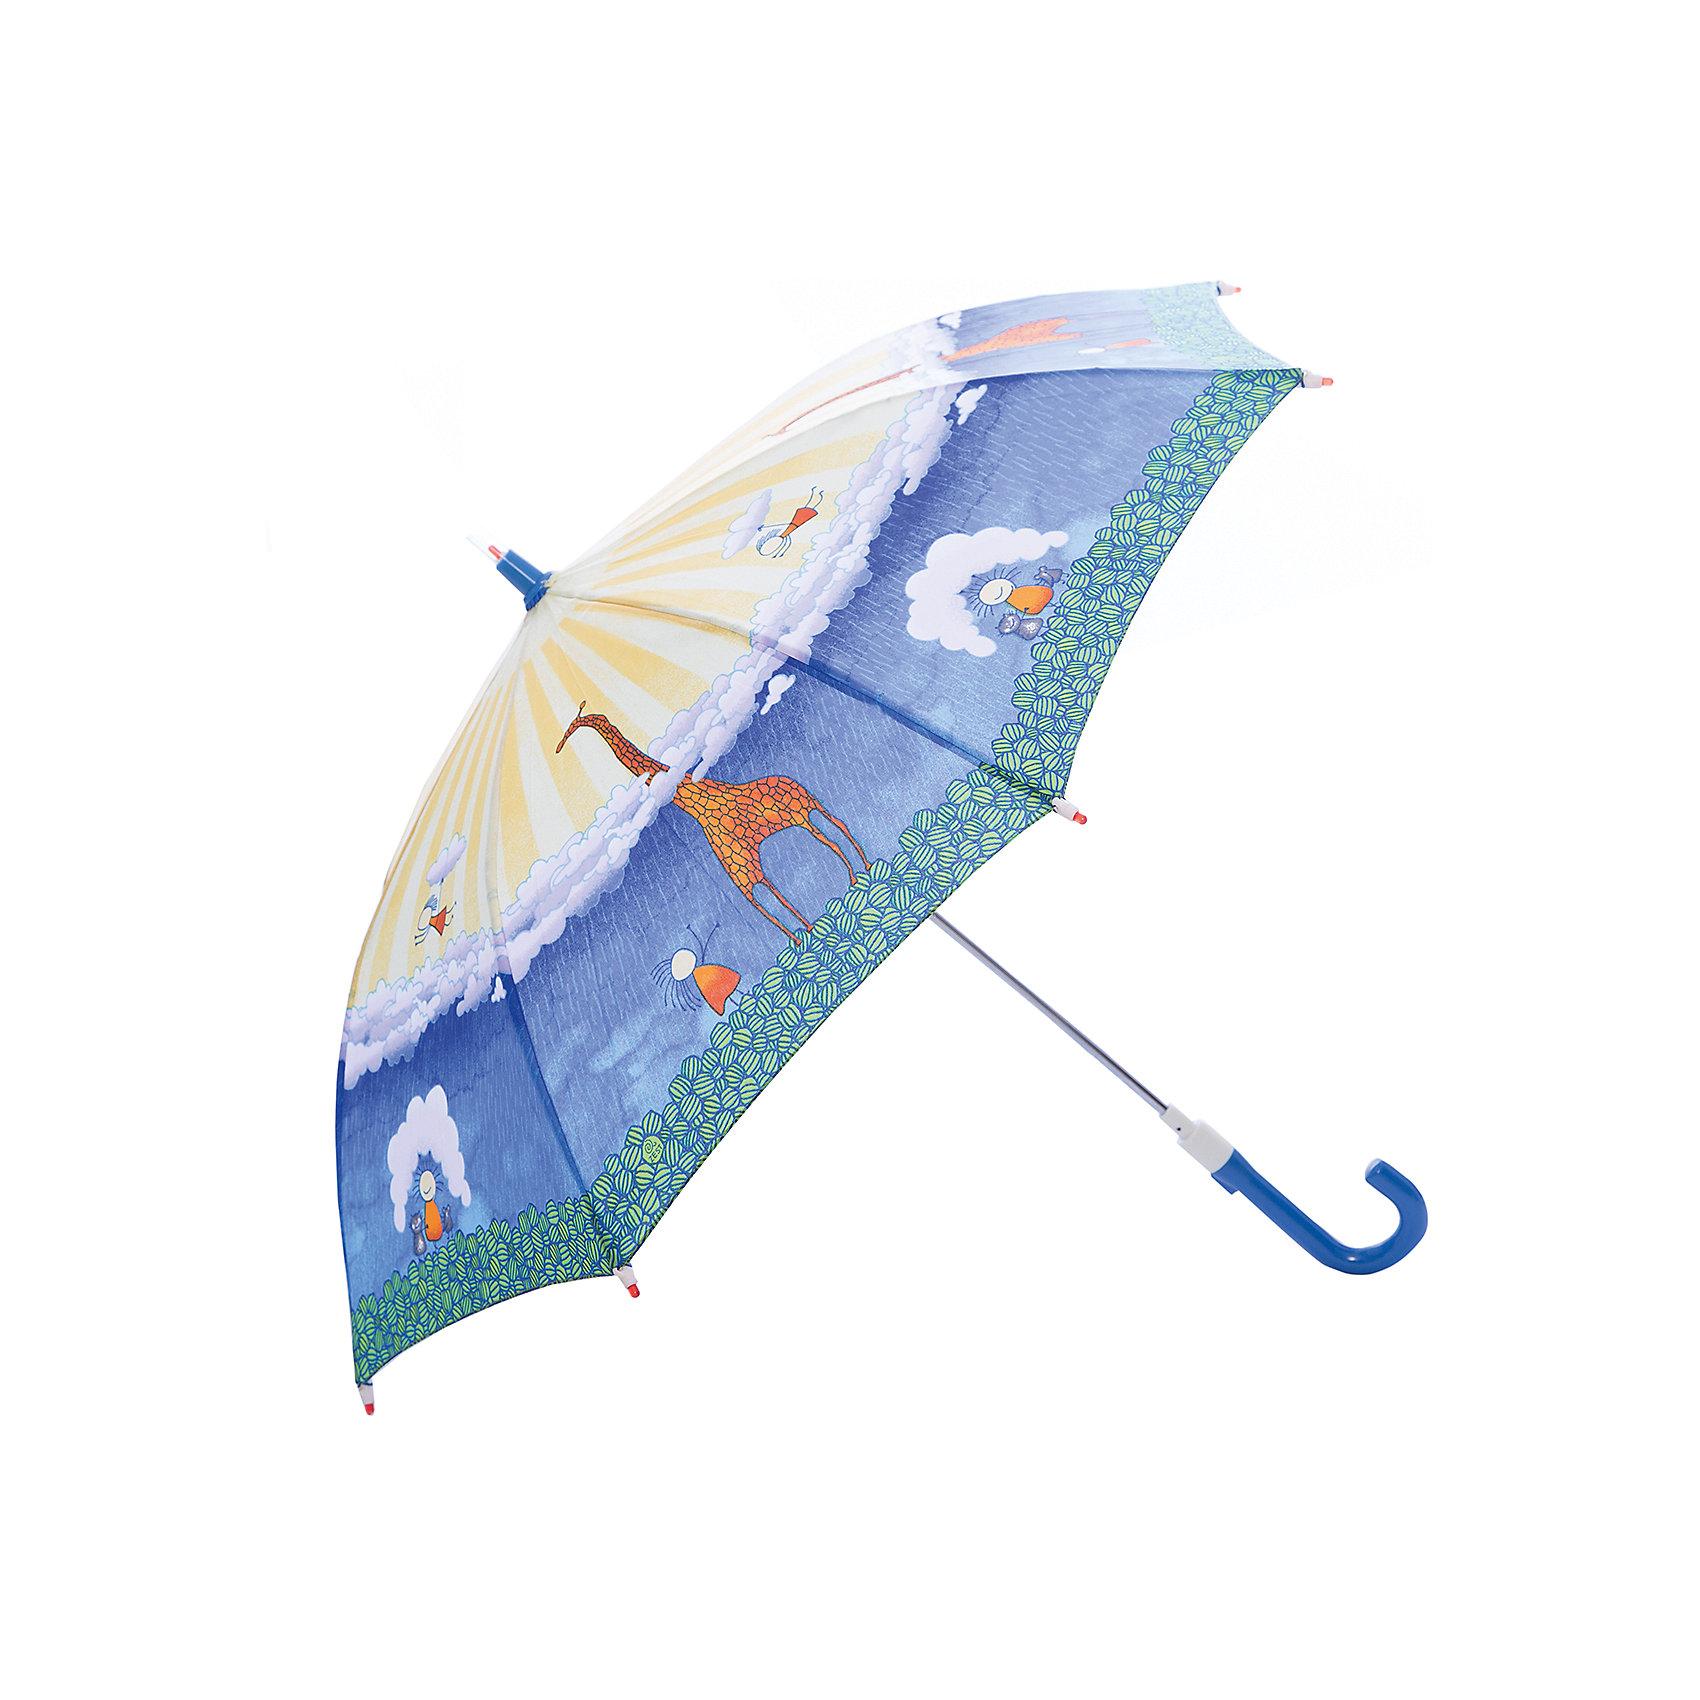 Зонт-трость, детский, рисунок ЖирафЗонты детские<br>Красочный детский зонтик Zest трость, механика, 8 спиц, купол 72 см, материал купола полиэстер, ручка зонта из пластика, материал каркаса - сталь. Концы спиц зонтика прикрыты специальными колпачками. ВЕТРОУСТОЙЧИВАЯ КОНСТРУКЦИЯ. Внимание! В сильный ветер не эксплуатировать! Зонт может сломаться. Гарантия 6 месяцев, срок службы 5 лет.<br><br>Ширина мм: 690<br>Глубина мм: 0<br>Высота мм: 0<br>Вес г: 280<br>Возраст от месяцев: 36<br>Возраст до месяцев: 2147483647<br>Пол: Унисекс<br>Возраст: Детский<br>SKU: 5511983